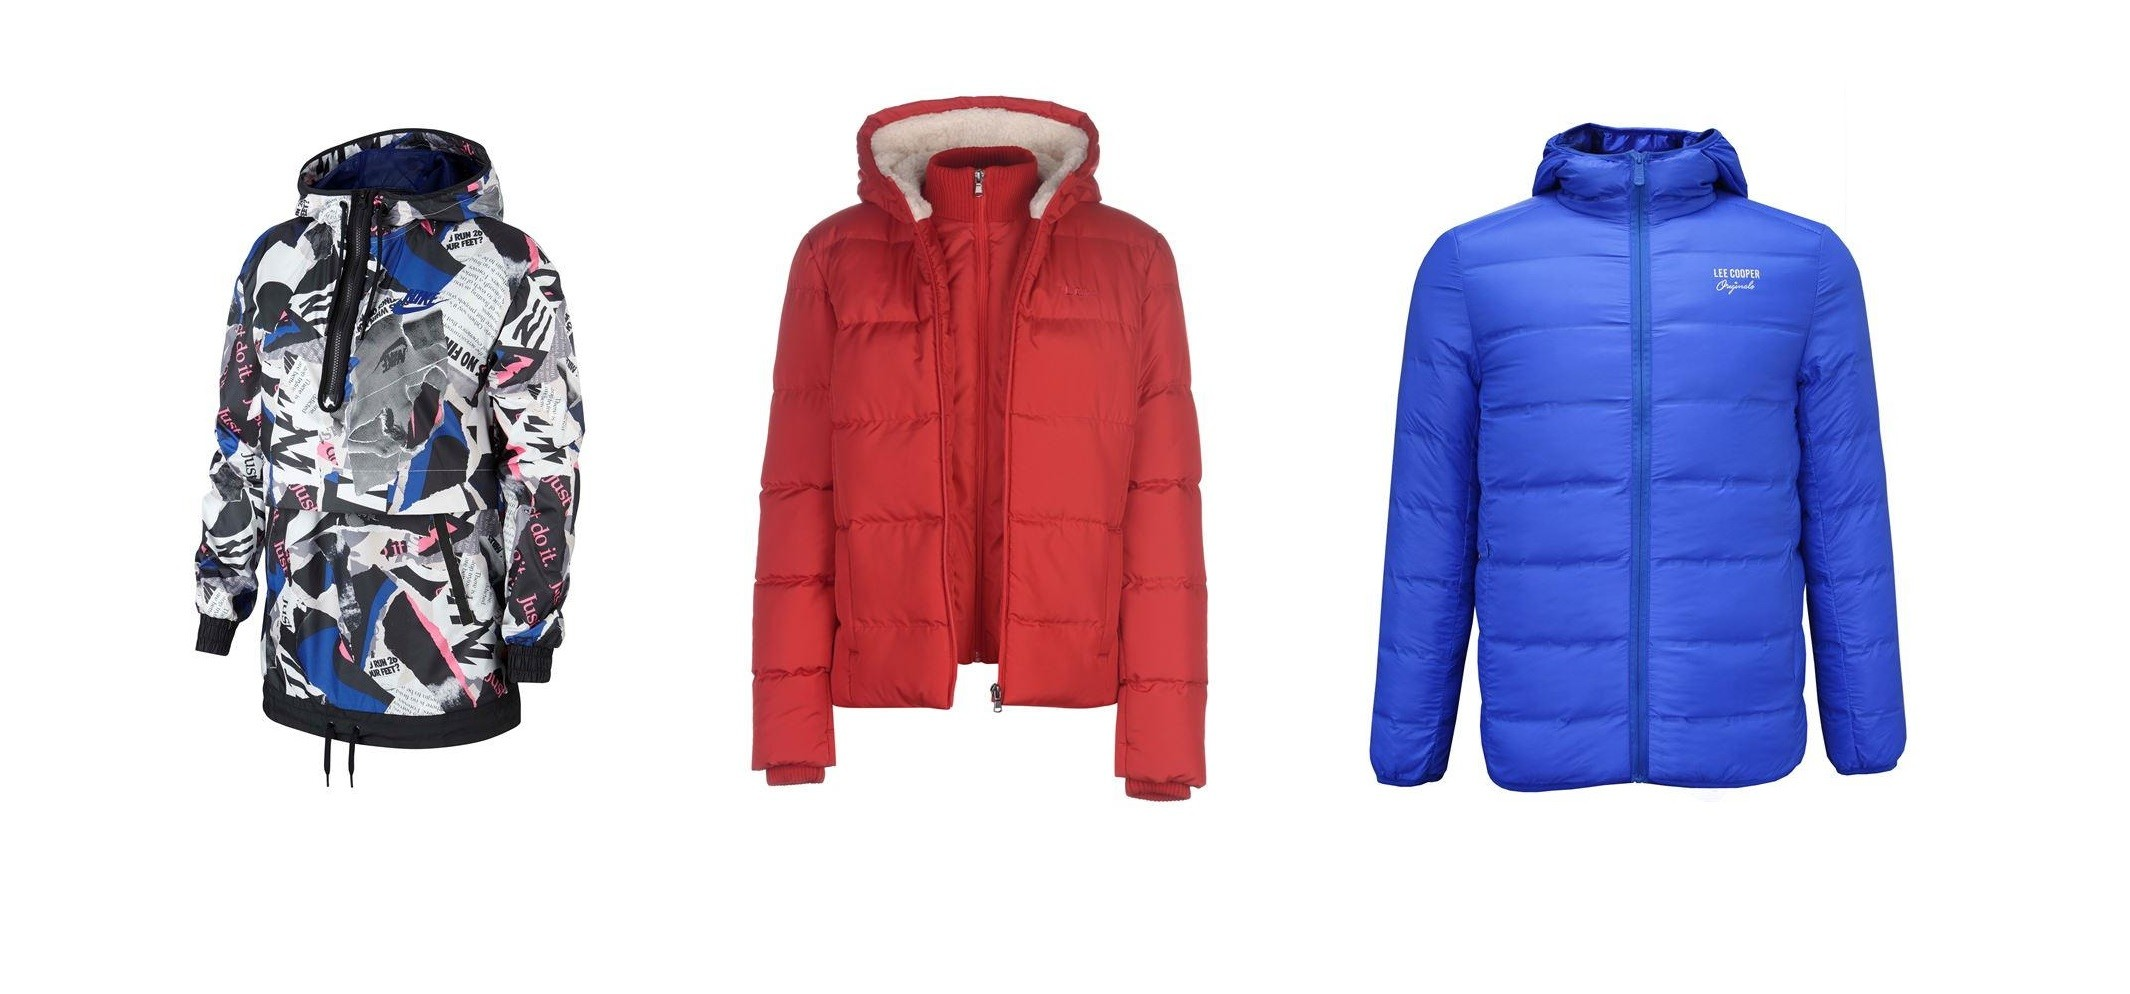 18 abrigos y chaquetas desde sólo 7,20 euros en las rebajas de SportsDirect 161c558261